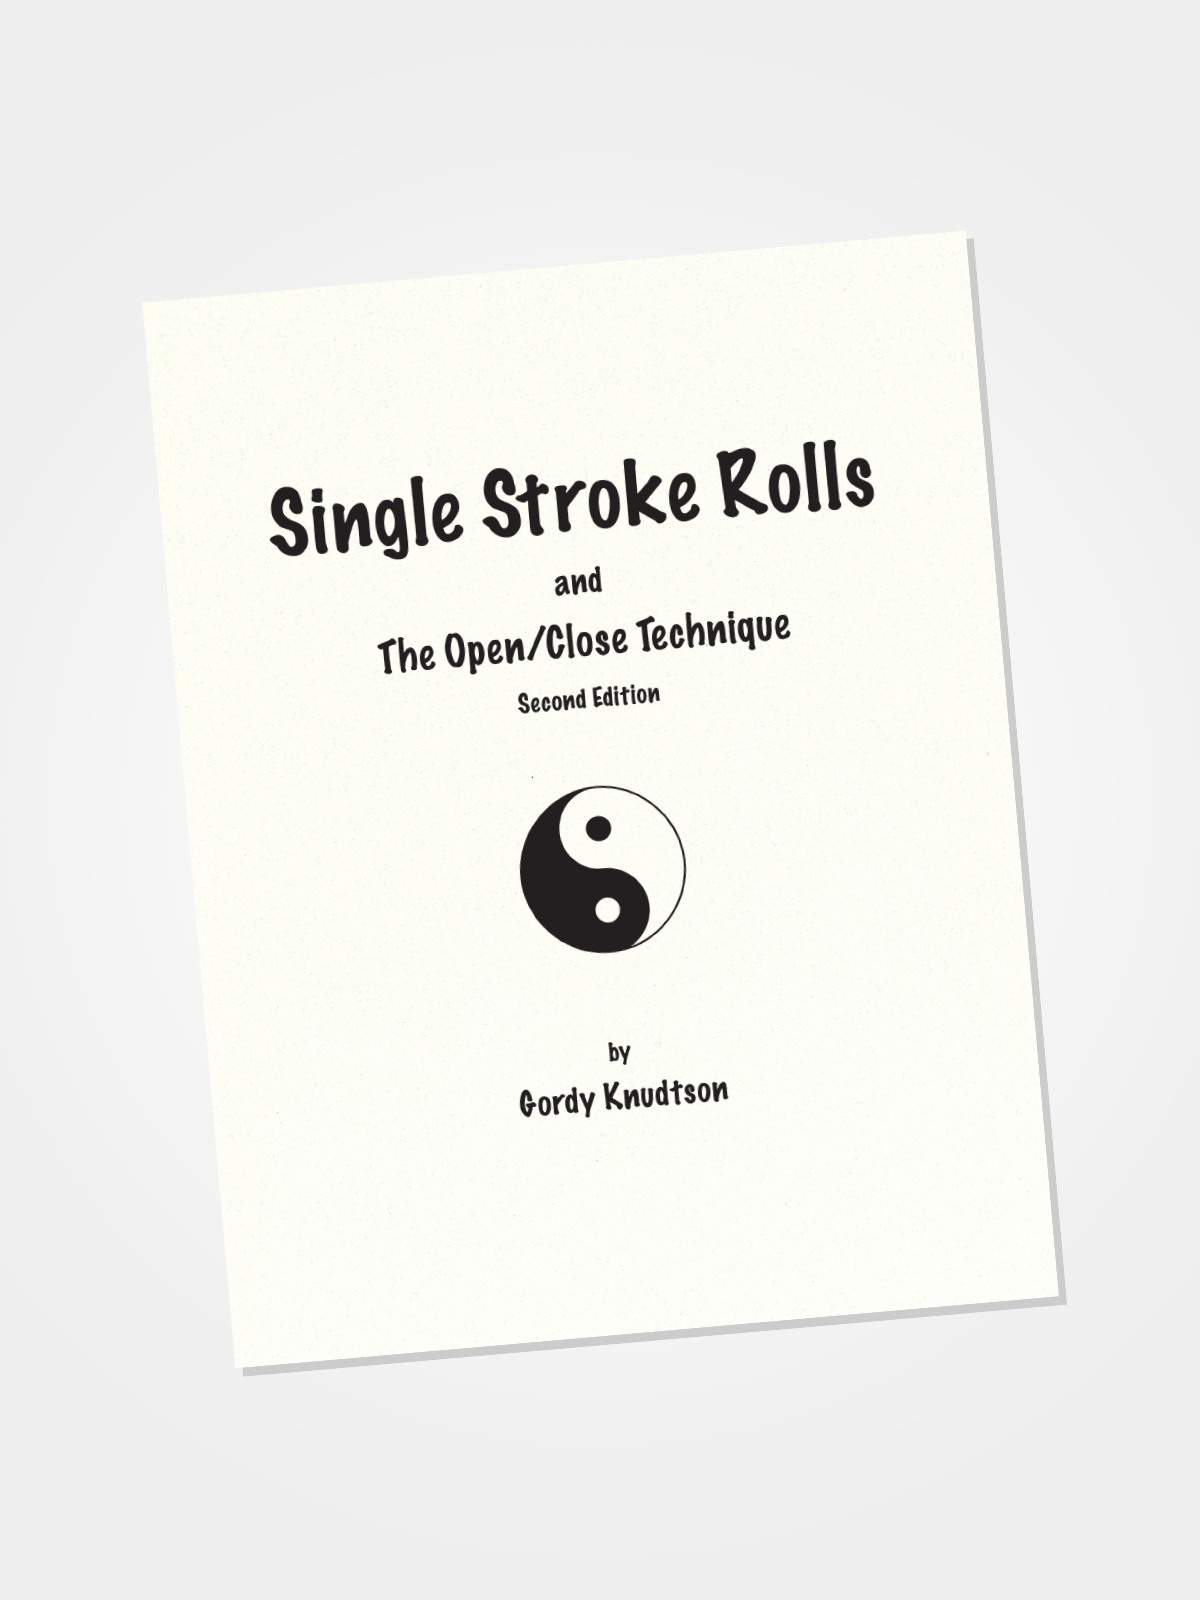 Single Stroke Rolls